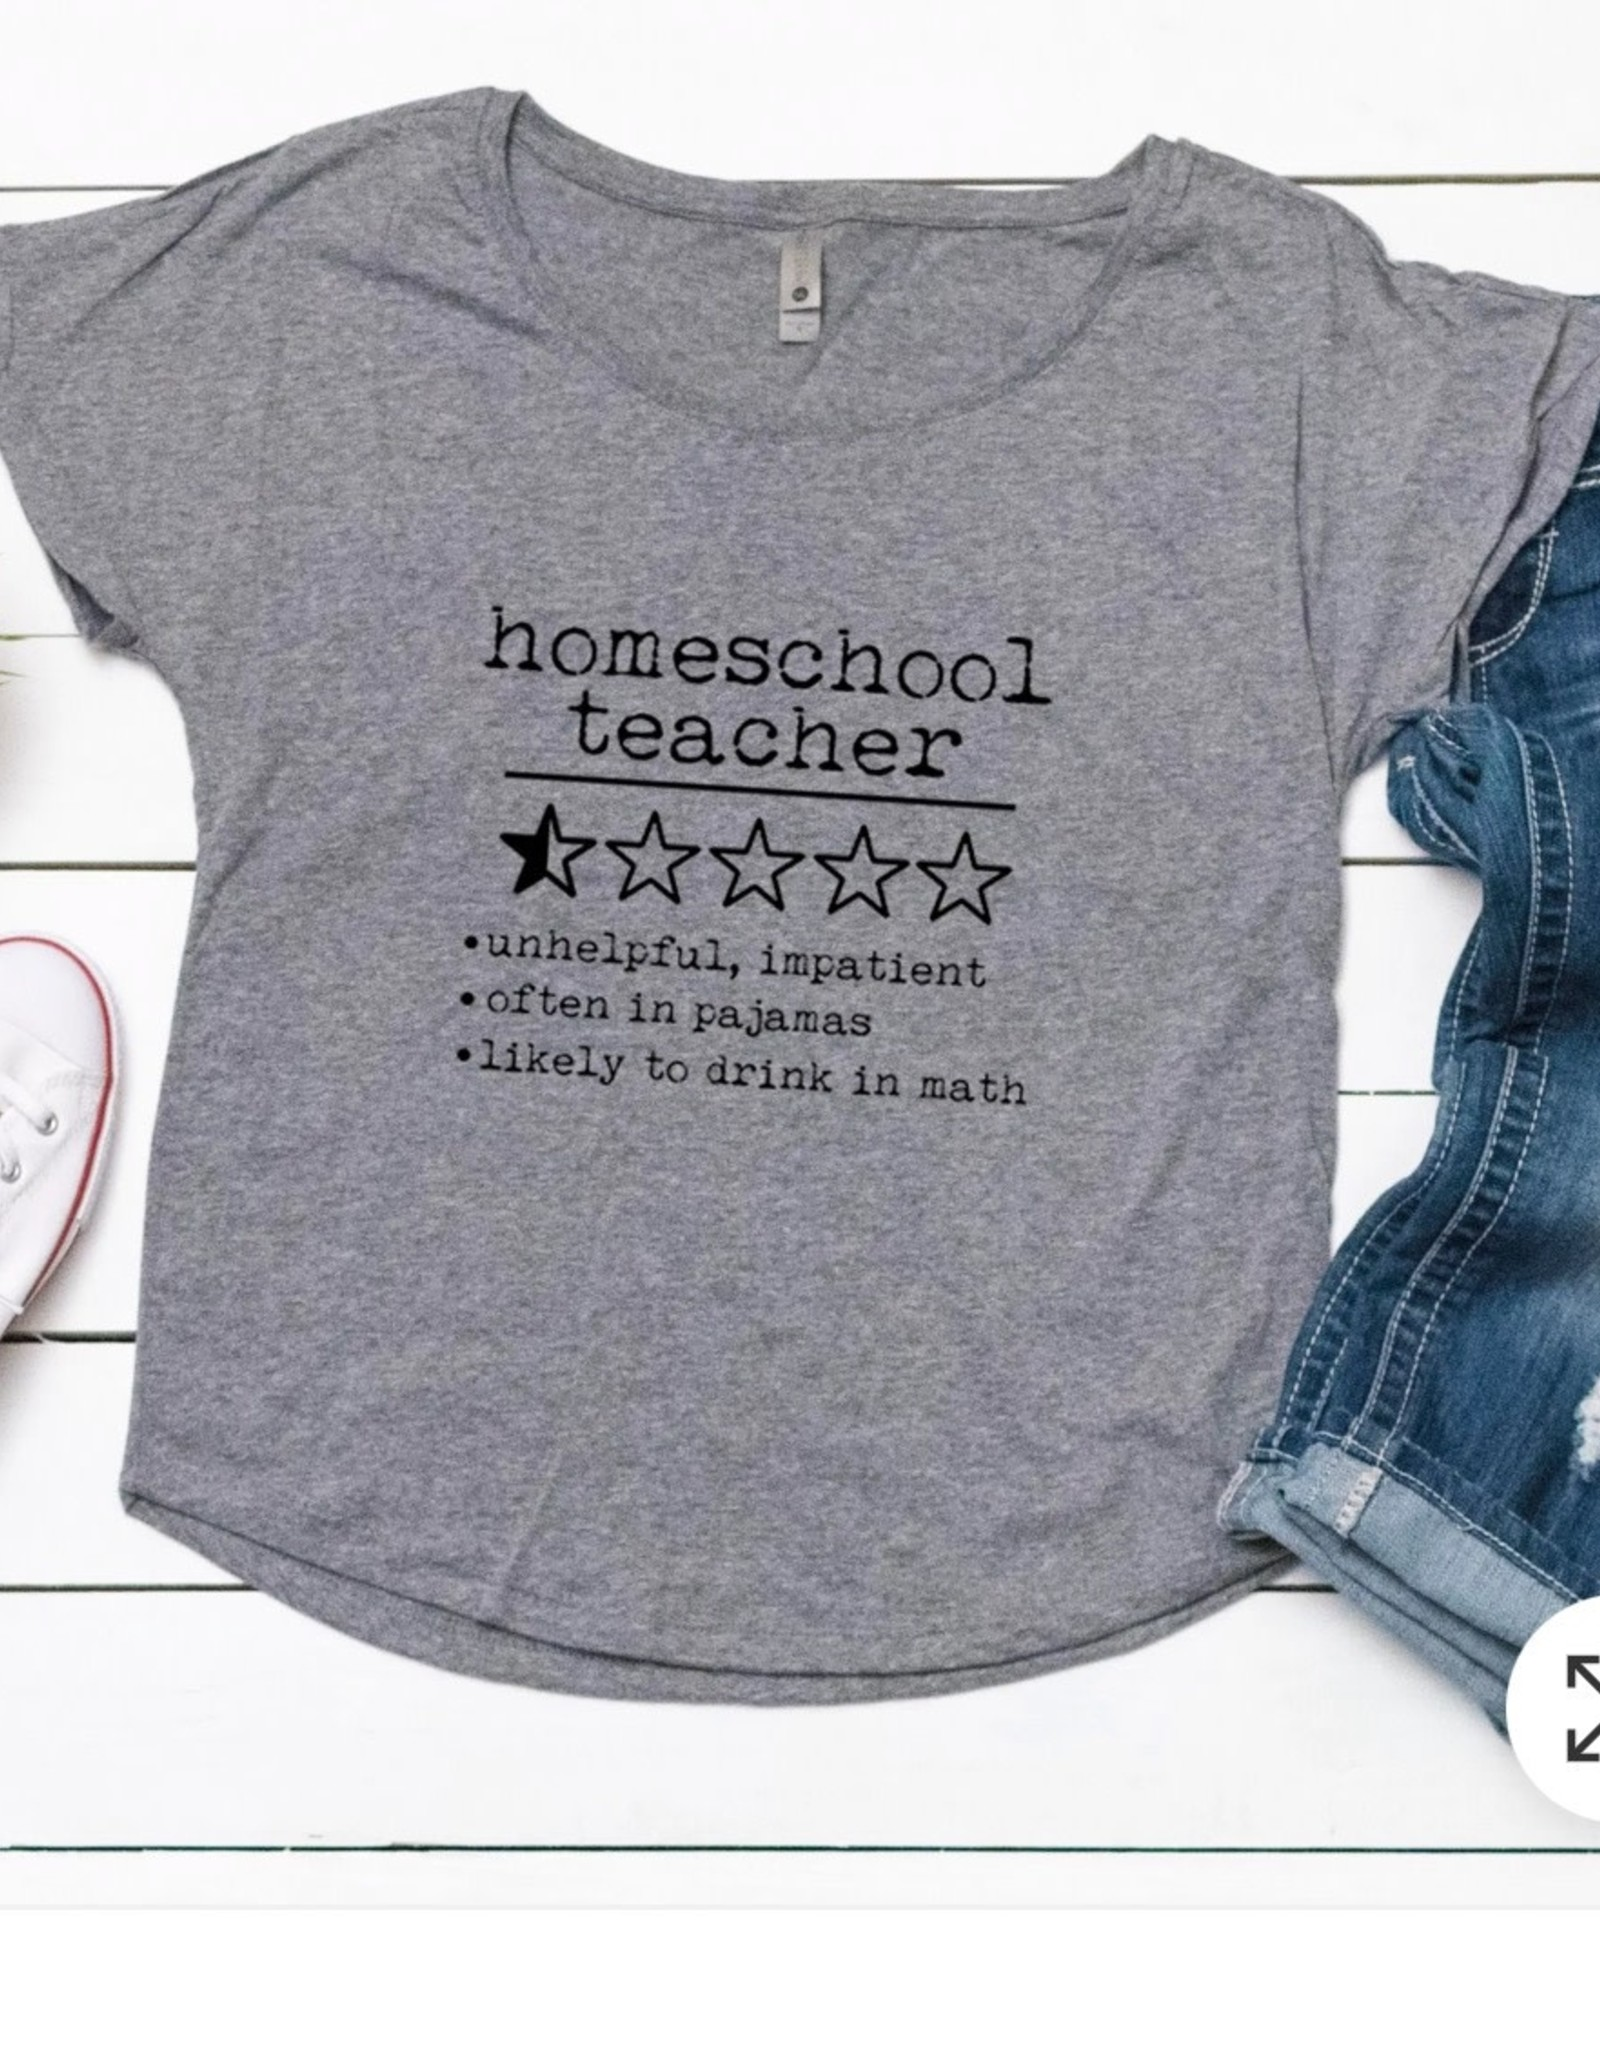 Homeschool Teacher DolmanTee